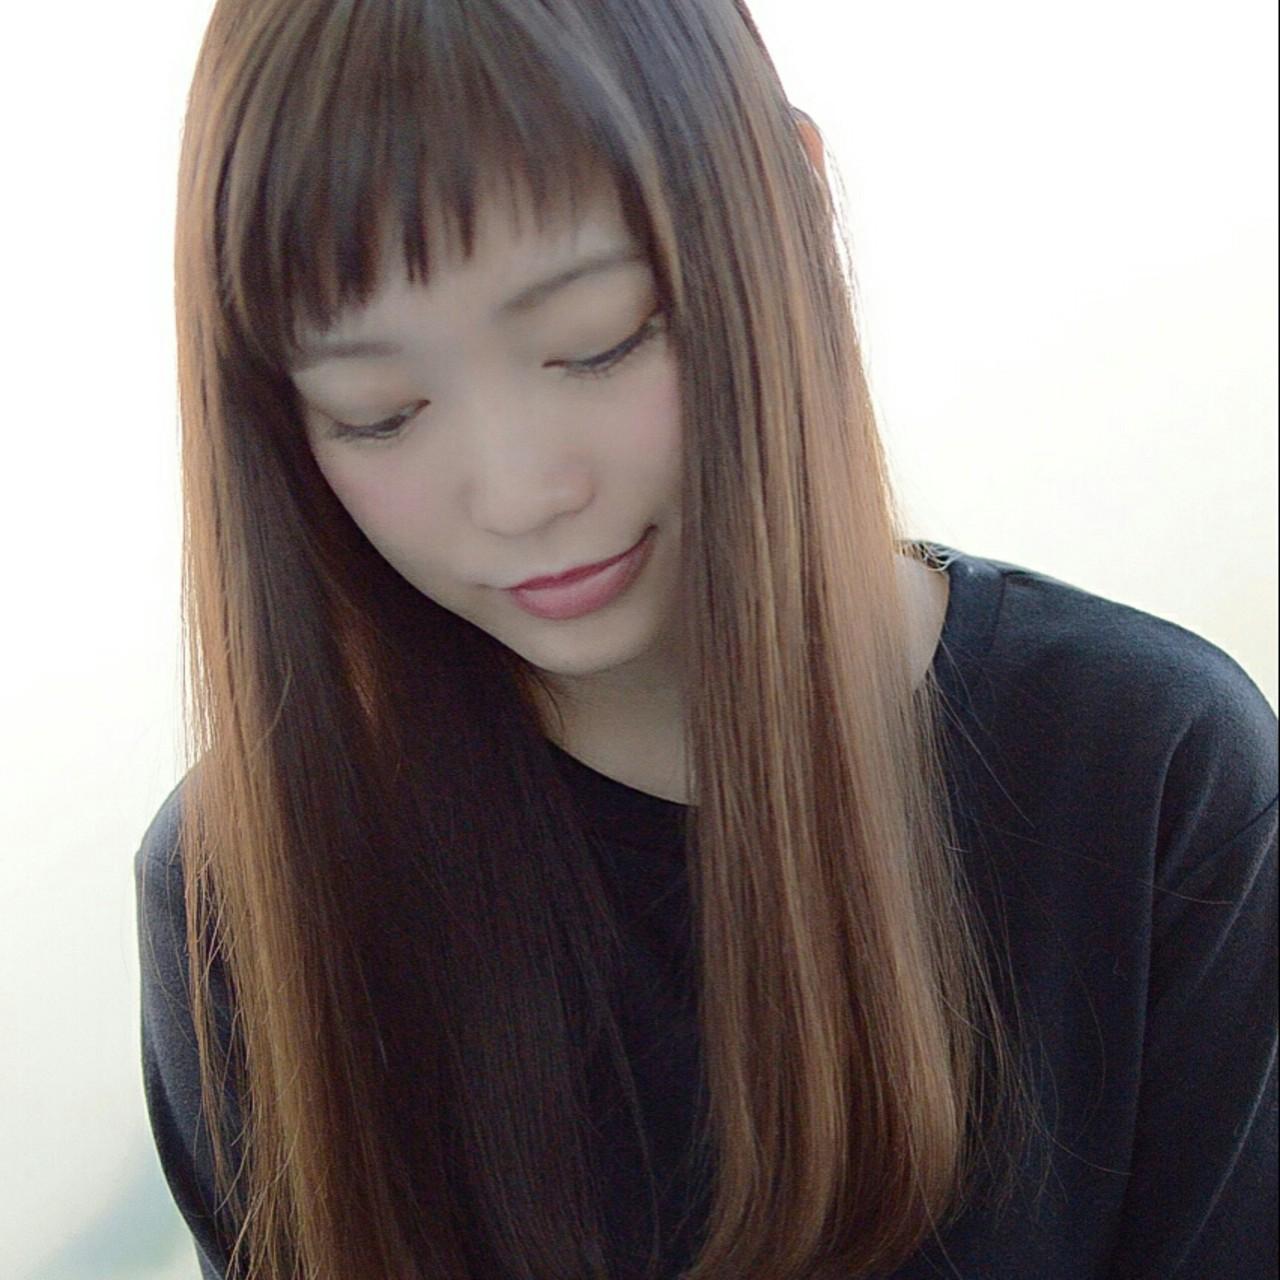 """鈴木えみもノープー実践中。美髪になる新ヘアケア方法""""ノープー""""とは 出典:萩原 翔志也/vicca"""